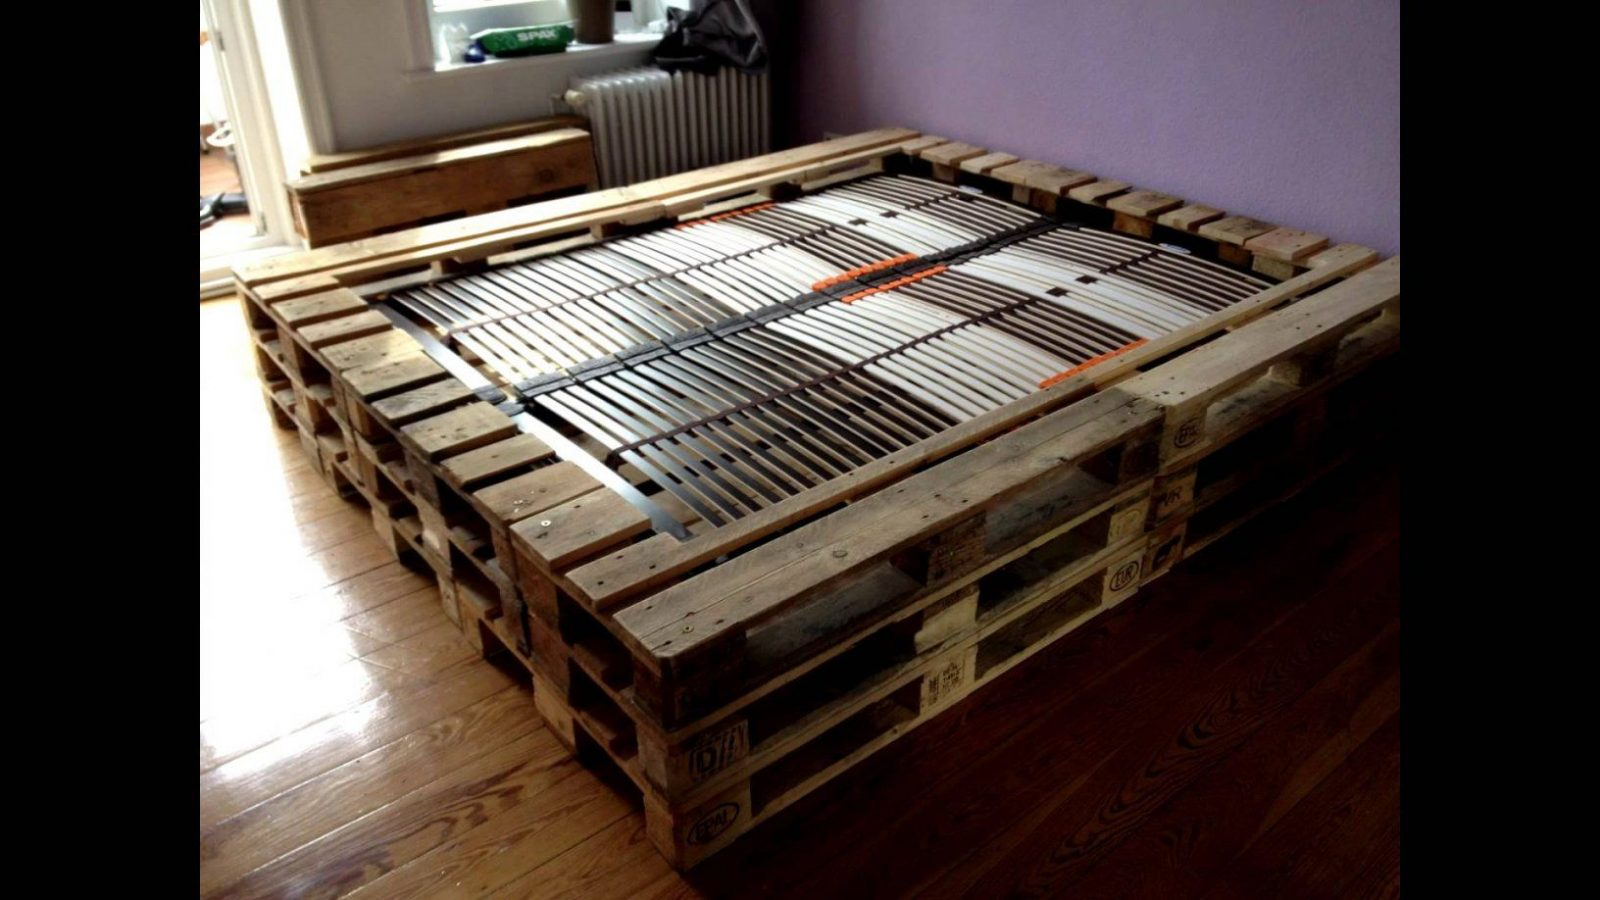 Doppelbett Aus Europaletten  Youtube von Europaletten Bett Bauen 140X200 Photo